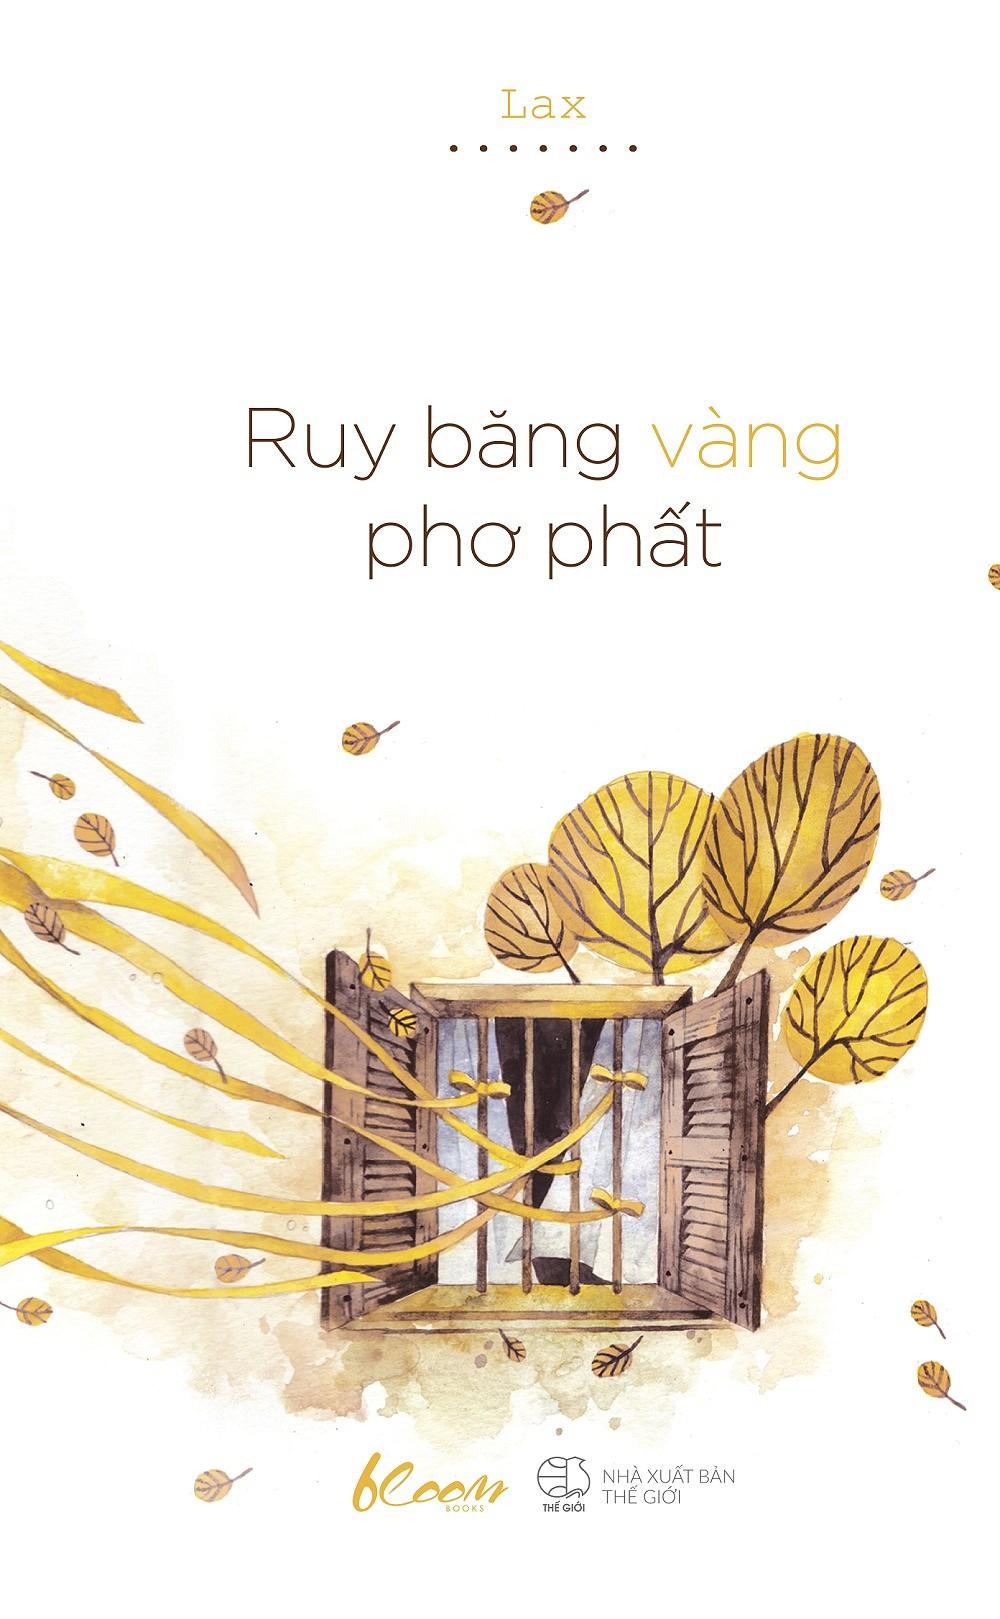 bia_ruybangvang_final.u547.d20161107.t133626.939673.jpg